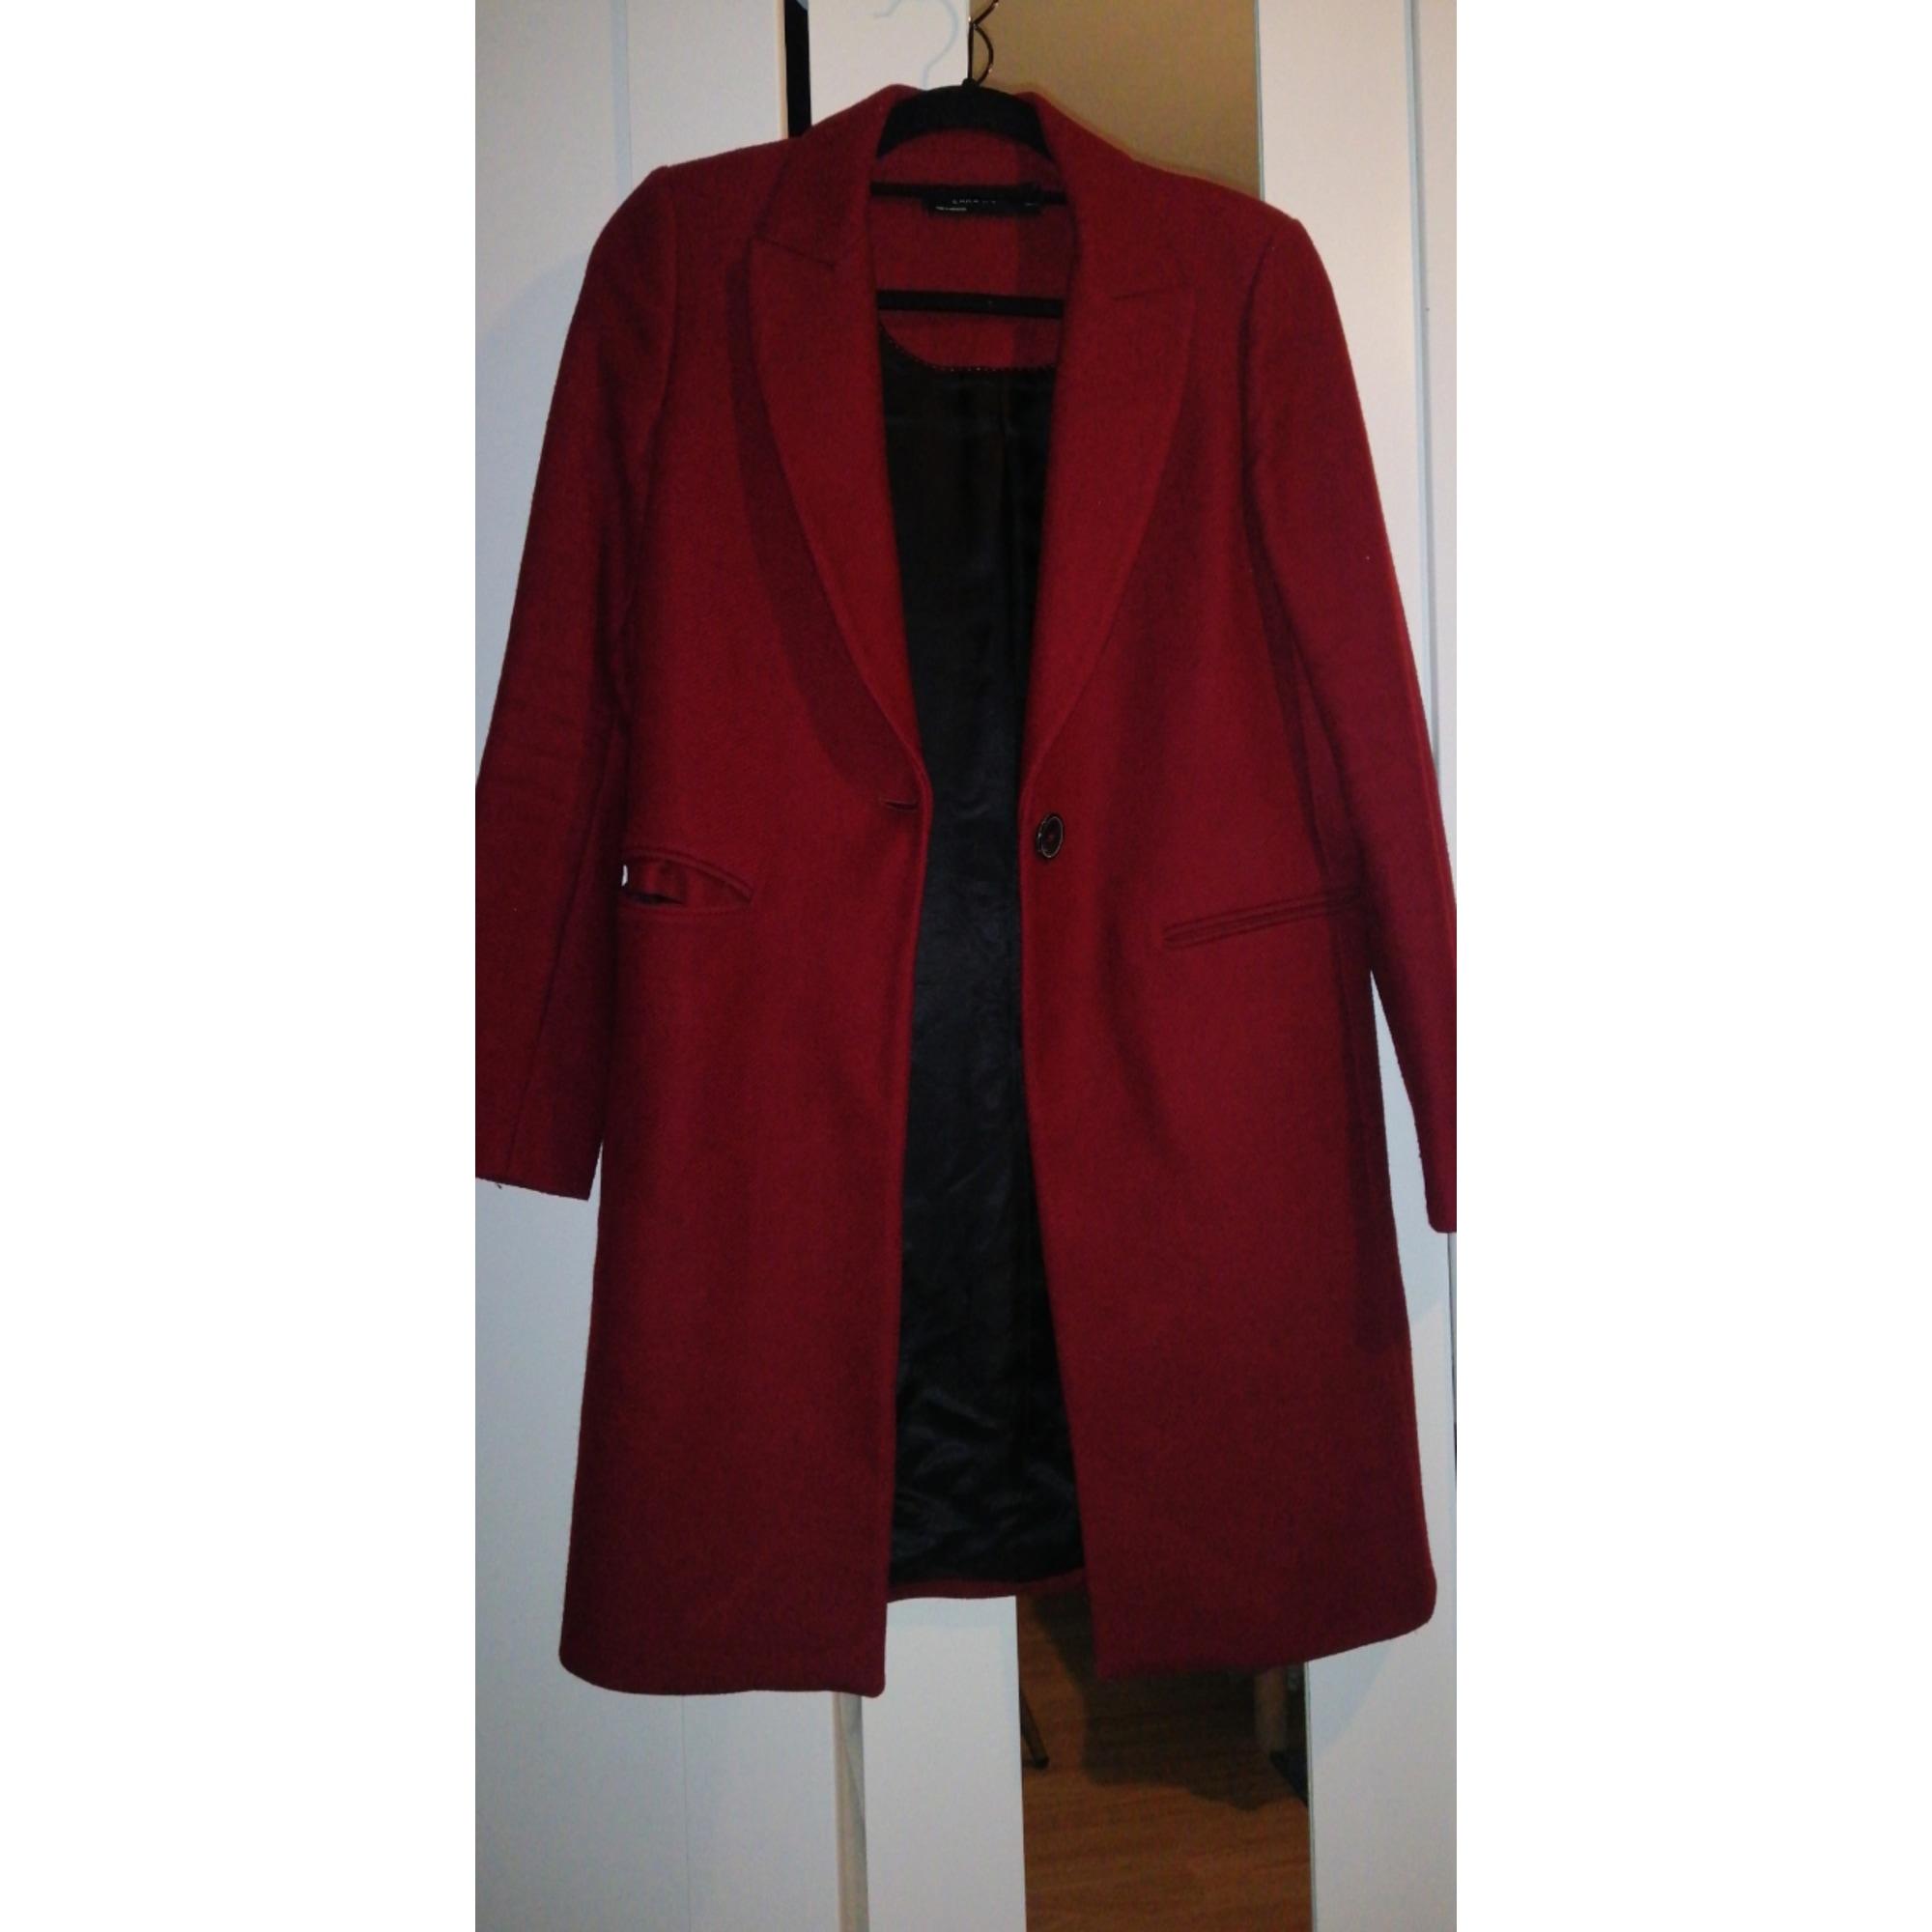 Manteau ZARA Rouge, bordeaux